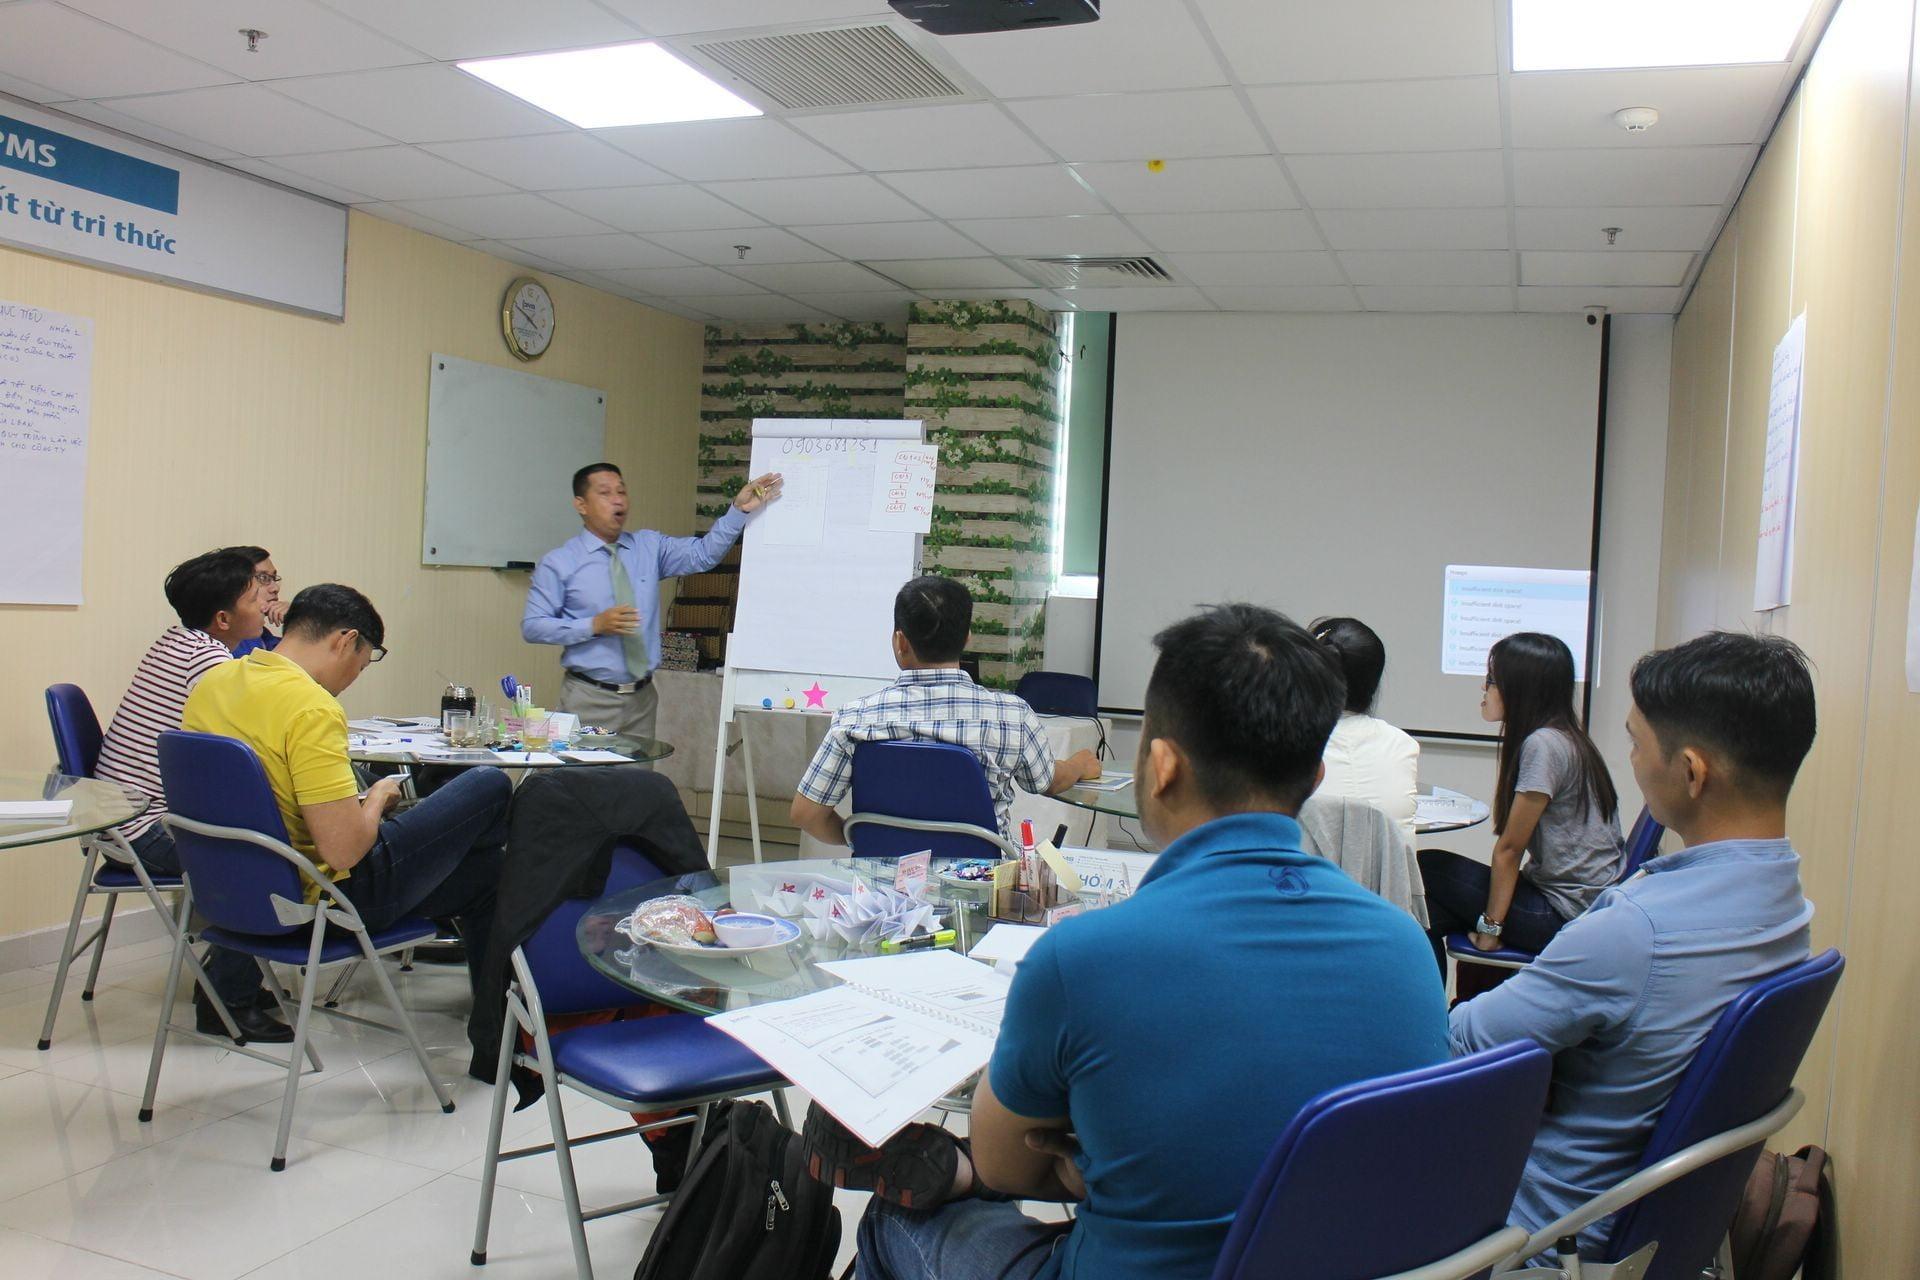 Khóa đào tạo : Lean Manufacturing tại PMS